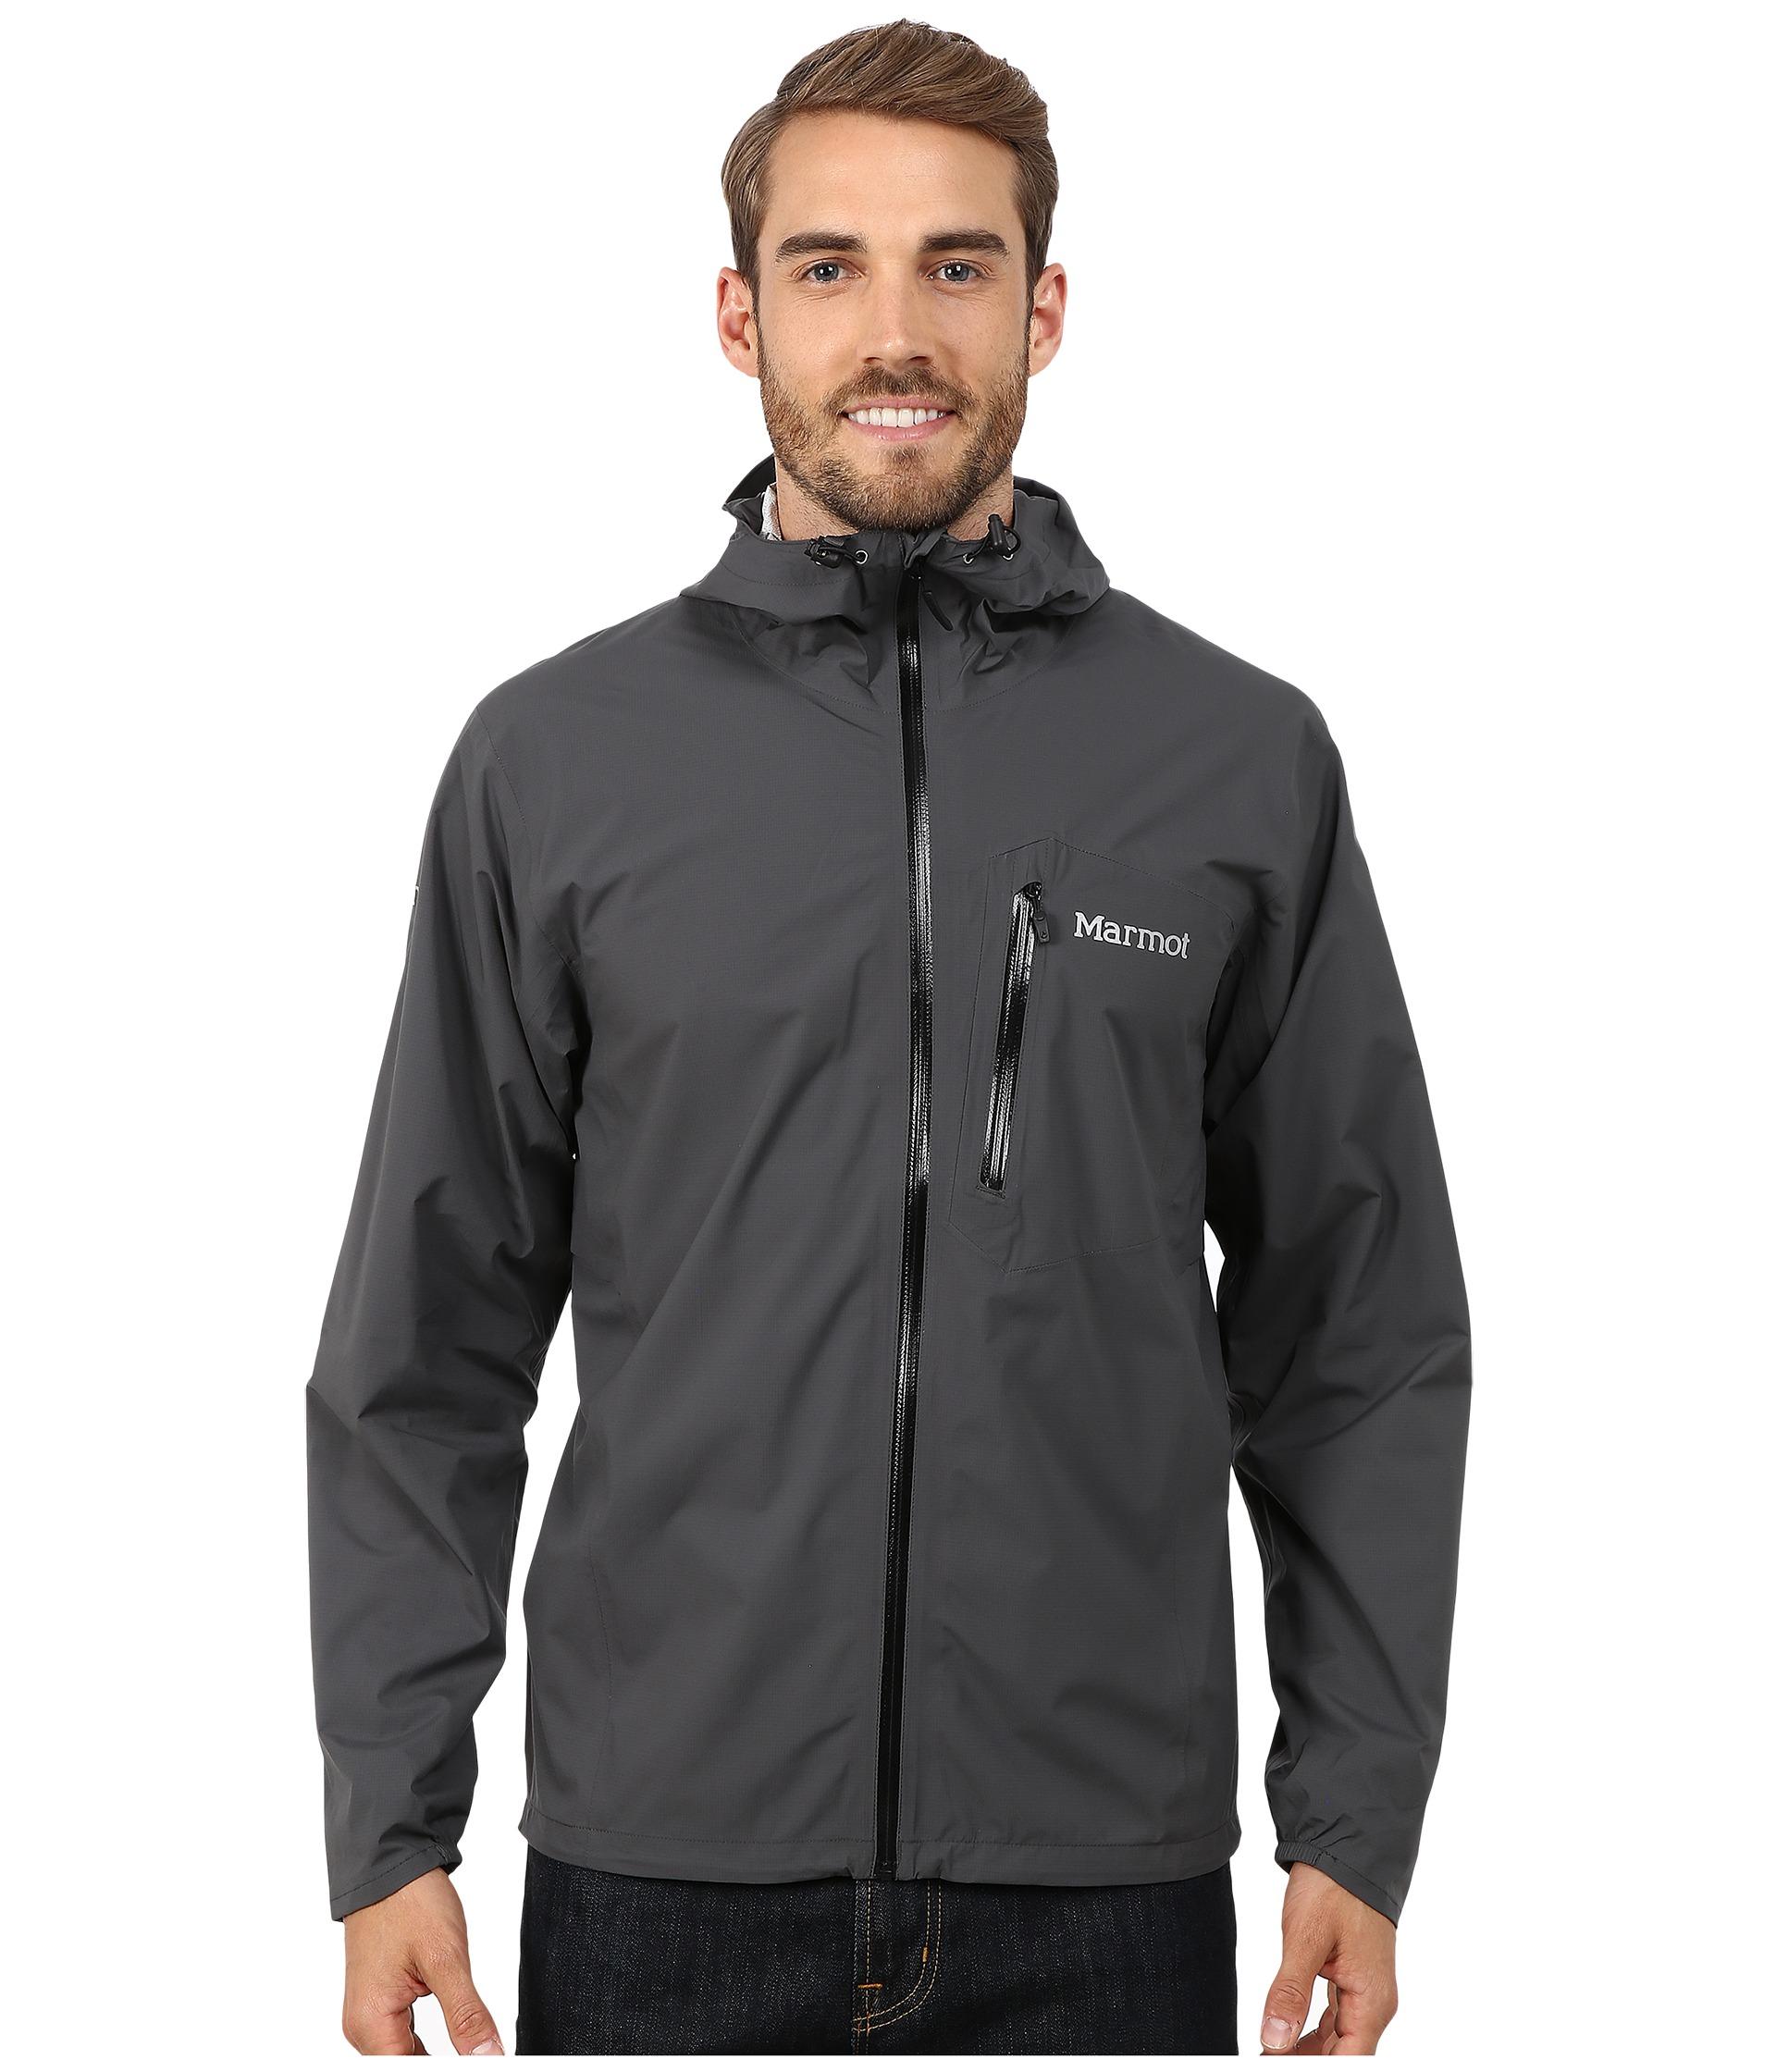 Marmot Essence Jacket In Slate Grey Gray For Men Lyst